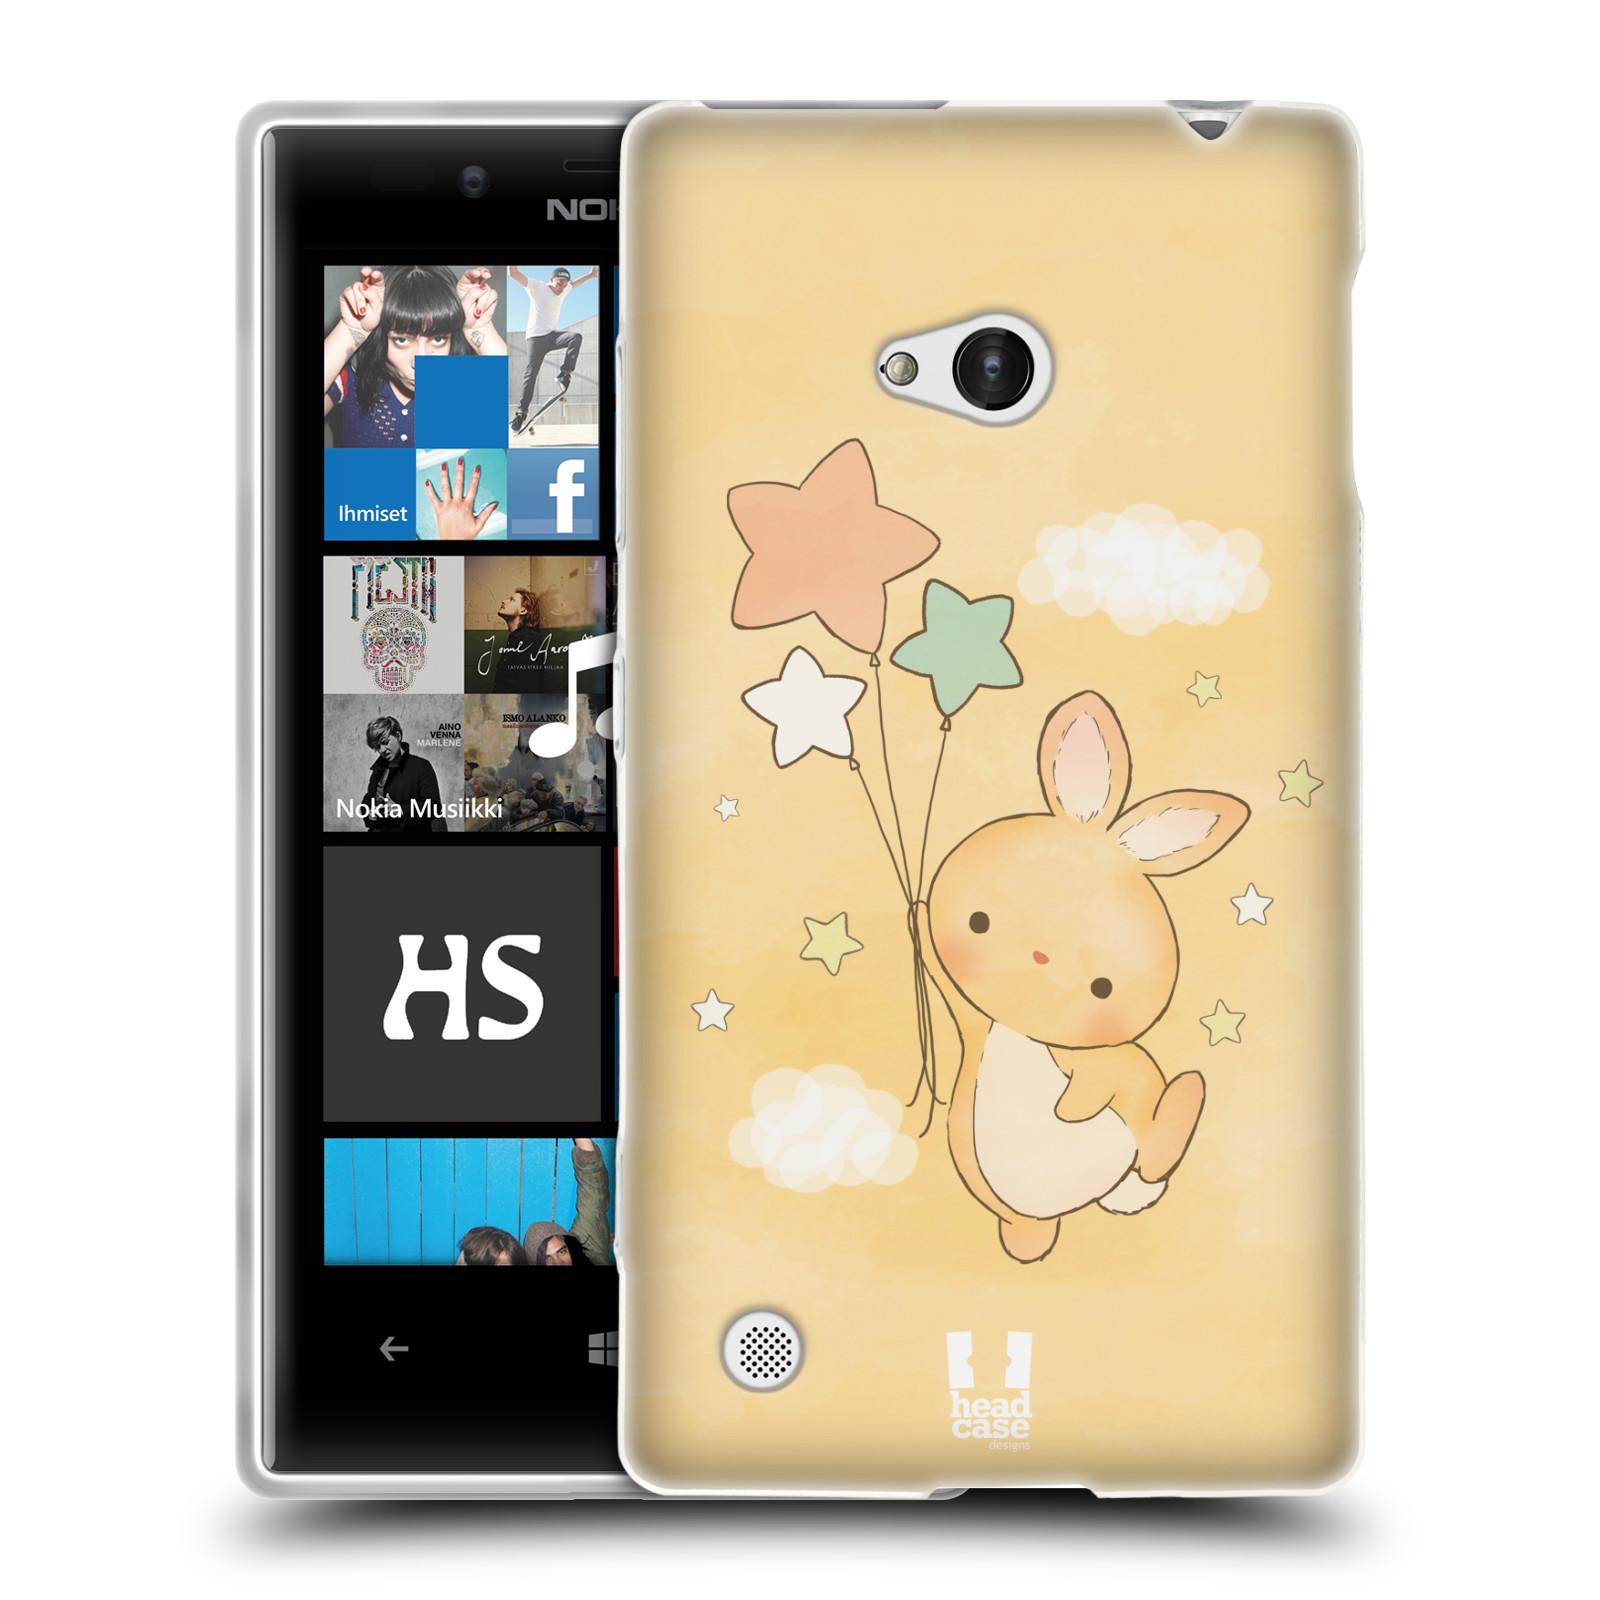 HEAD CASE silikonový obal na mobil NOKIA Lumia 720 vzor králíček a hvězdy žlutá